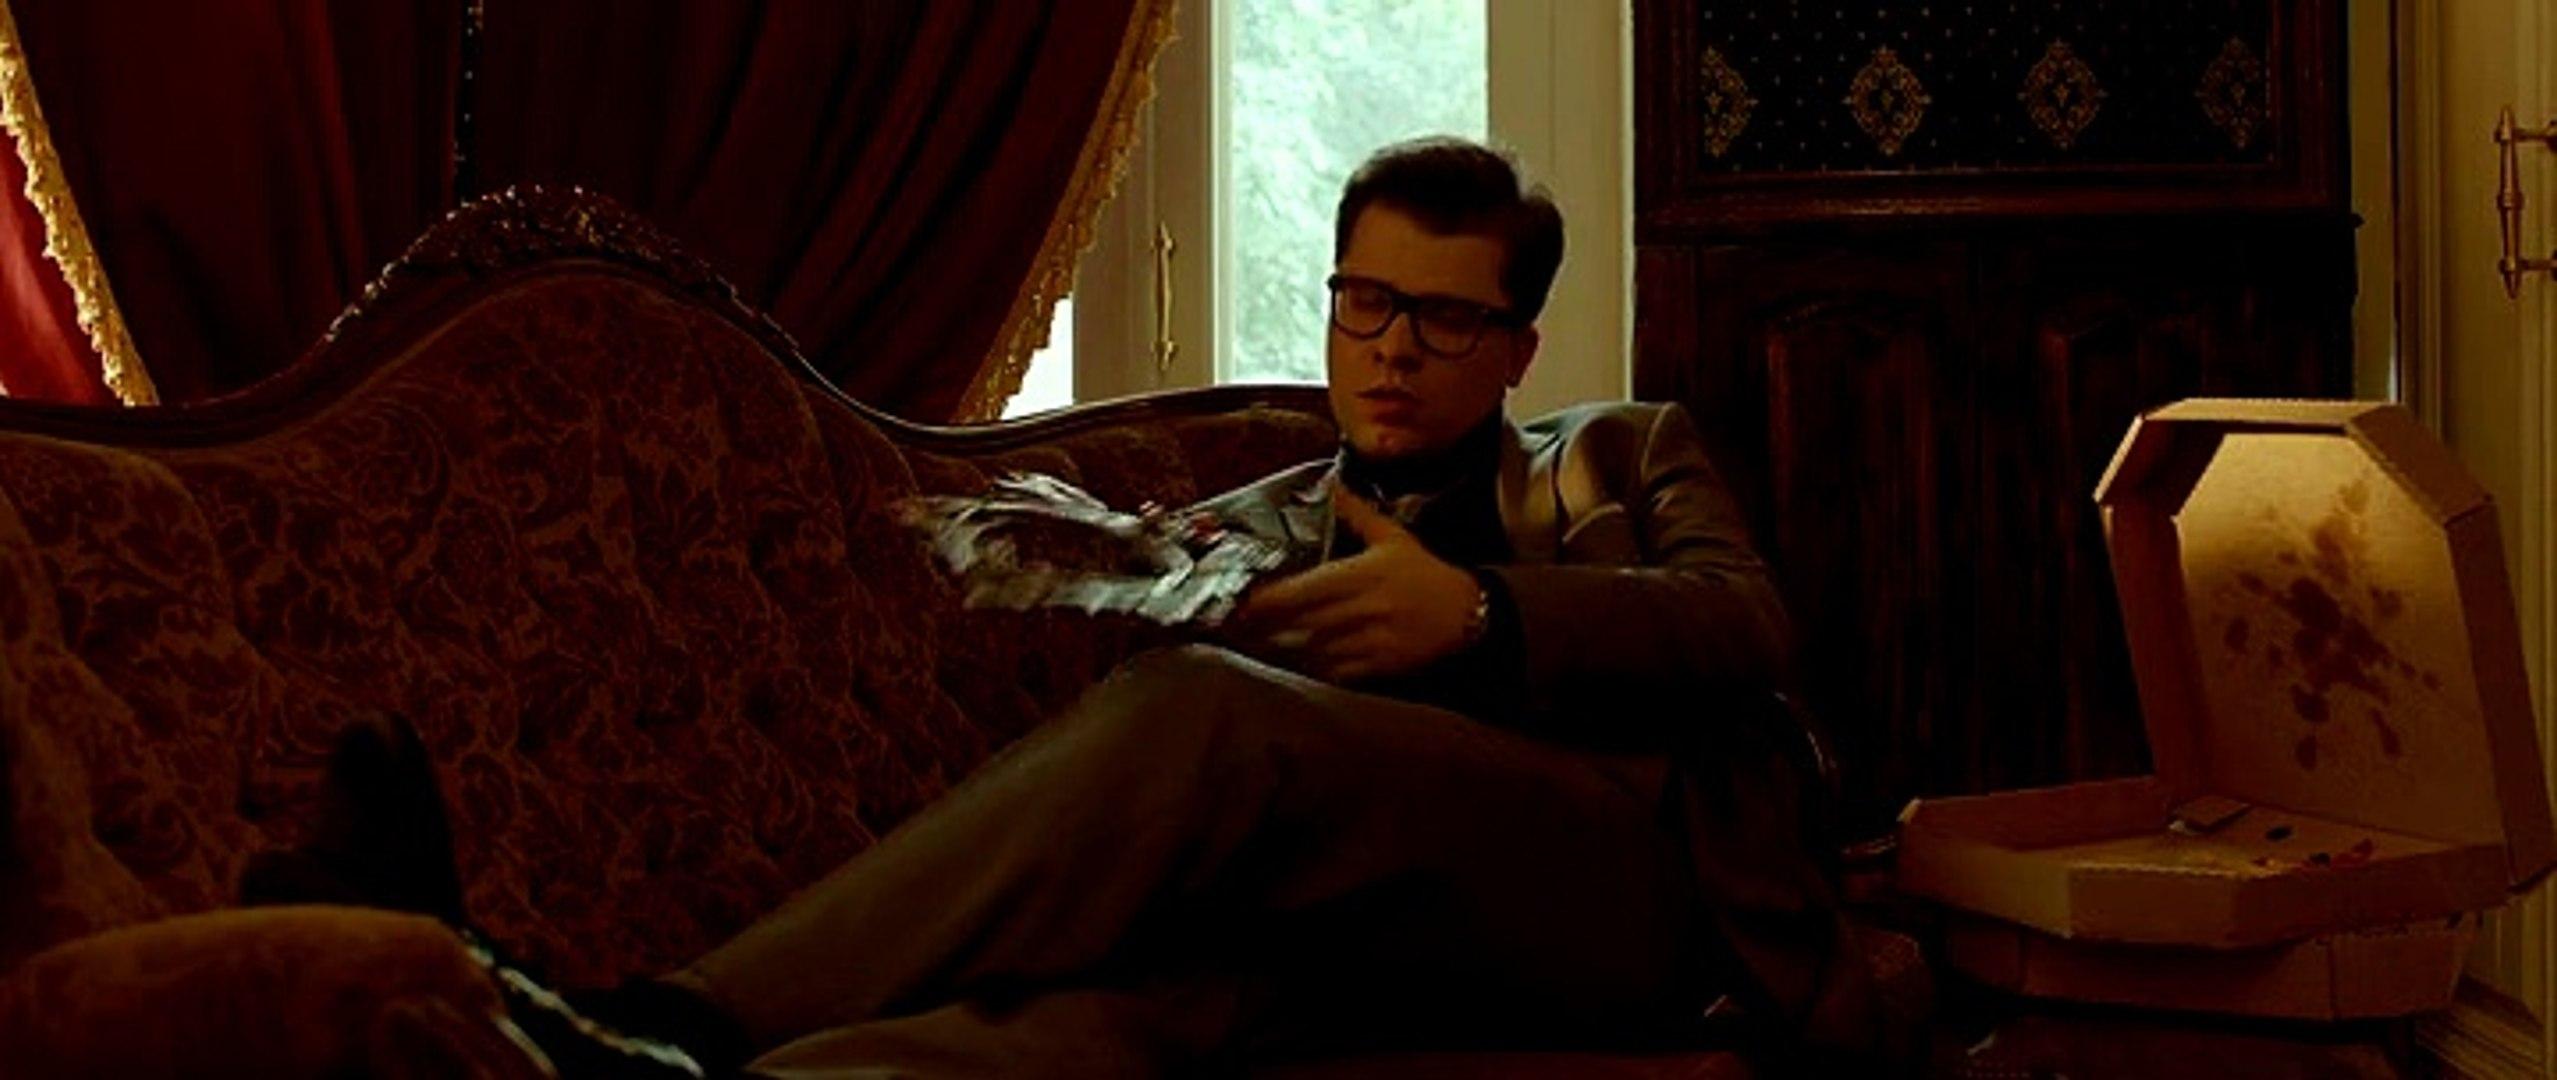 03/17/2015 23:56:34 Призрак 2015 смотреть онлайн hd 720 полный фильм бесплатно без смс